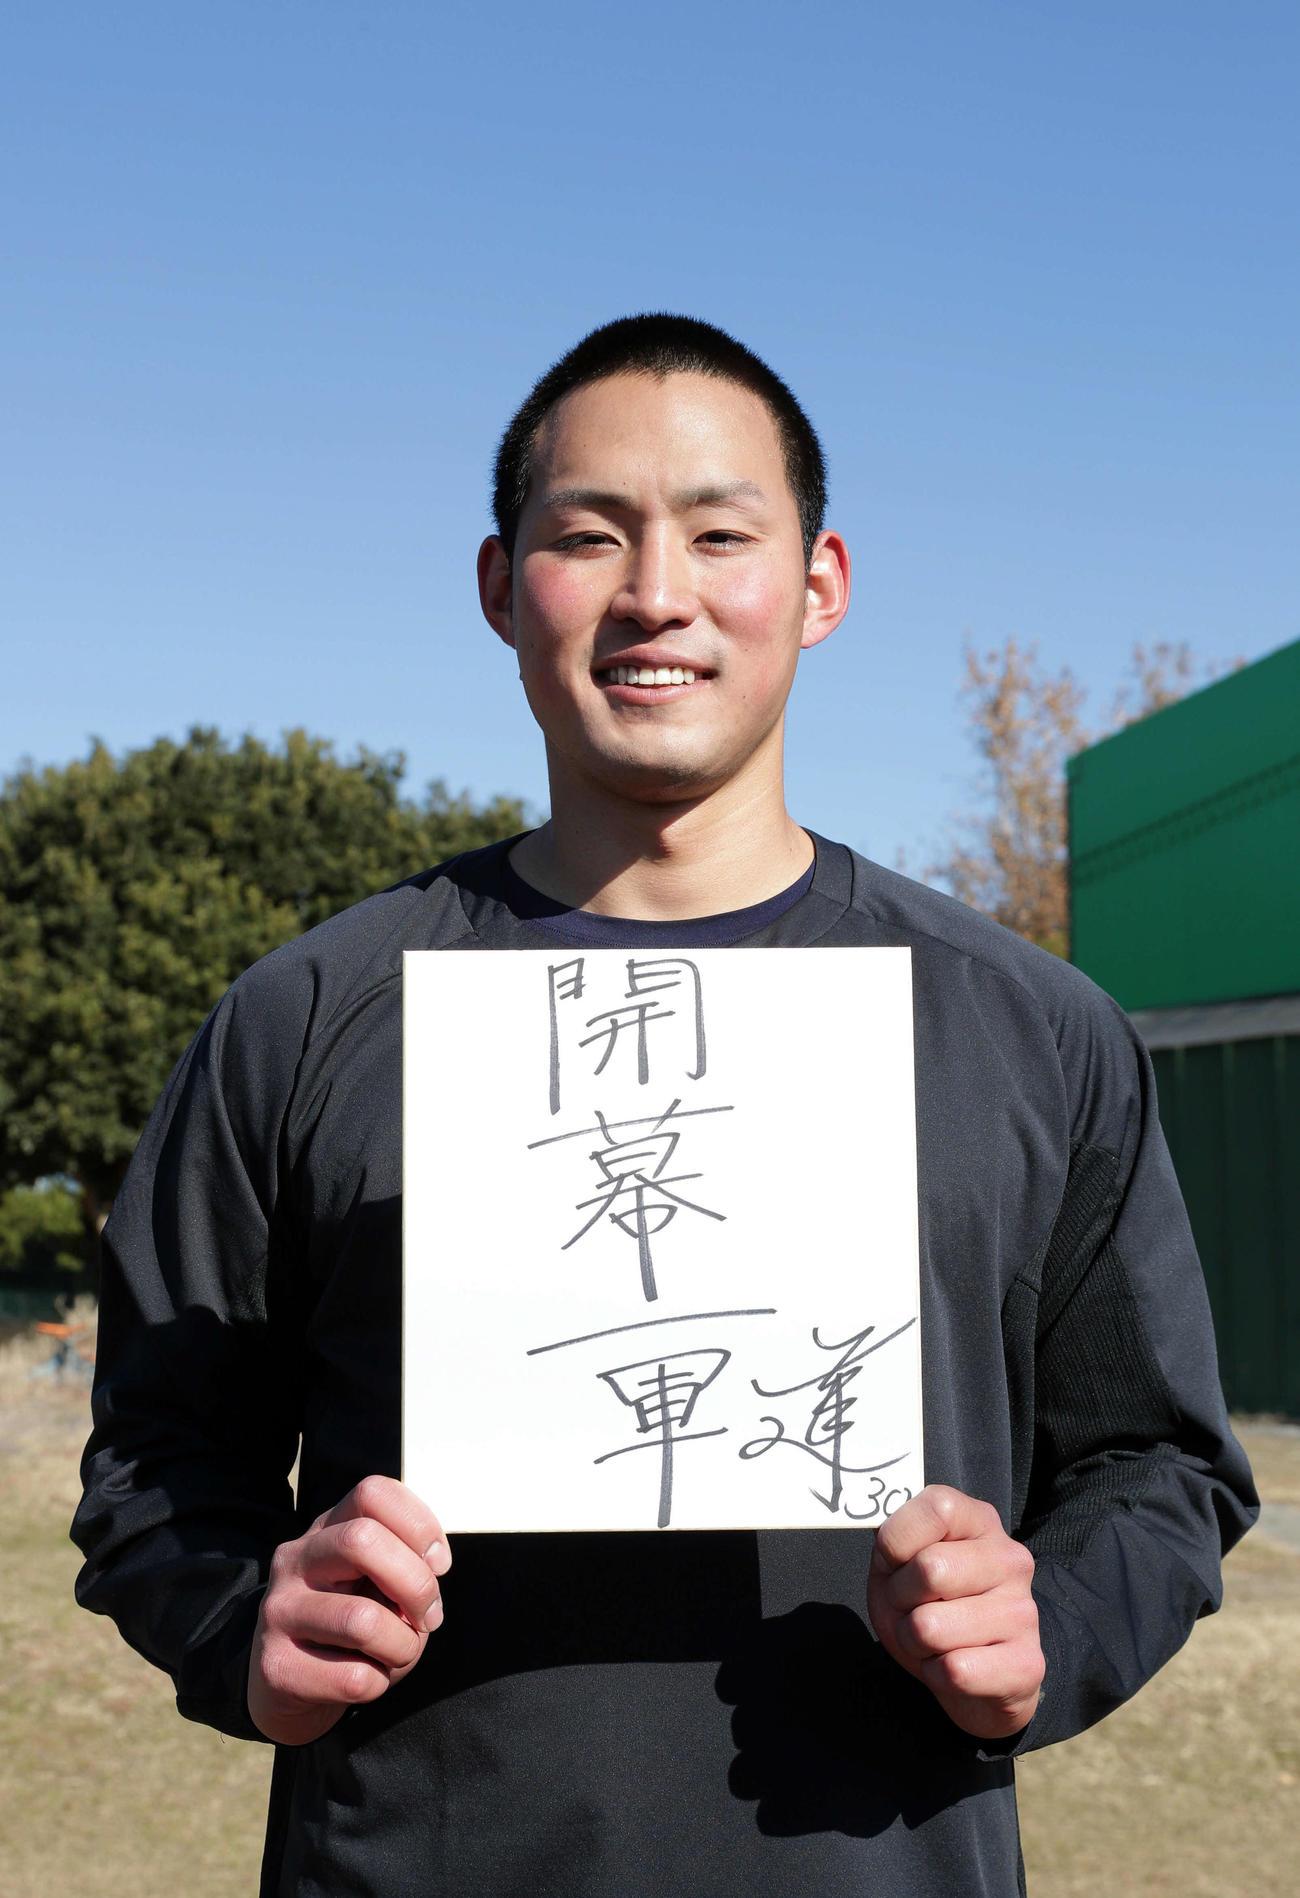 自主トレを公開した阪神佐藤蓮は「開幕一軍」と記した色紙を手に笑顔を見せる(撮影・前田充)